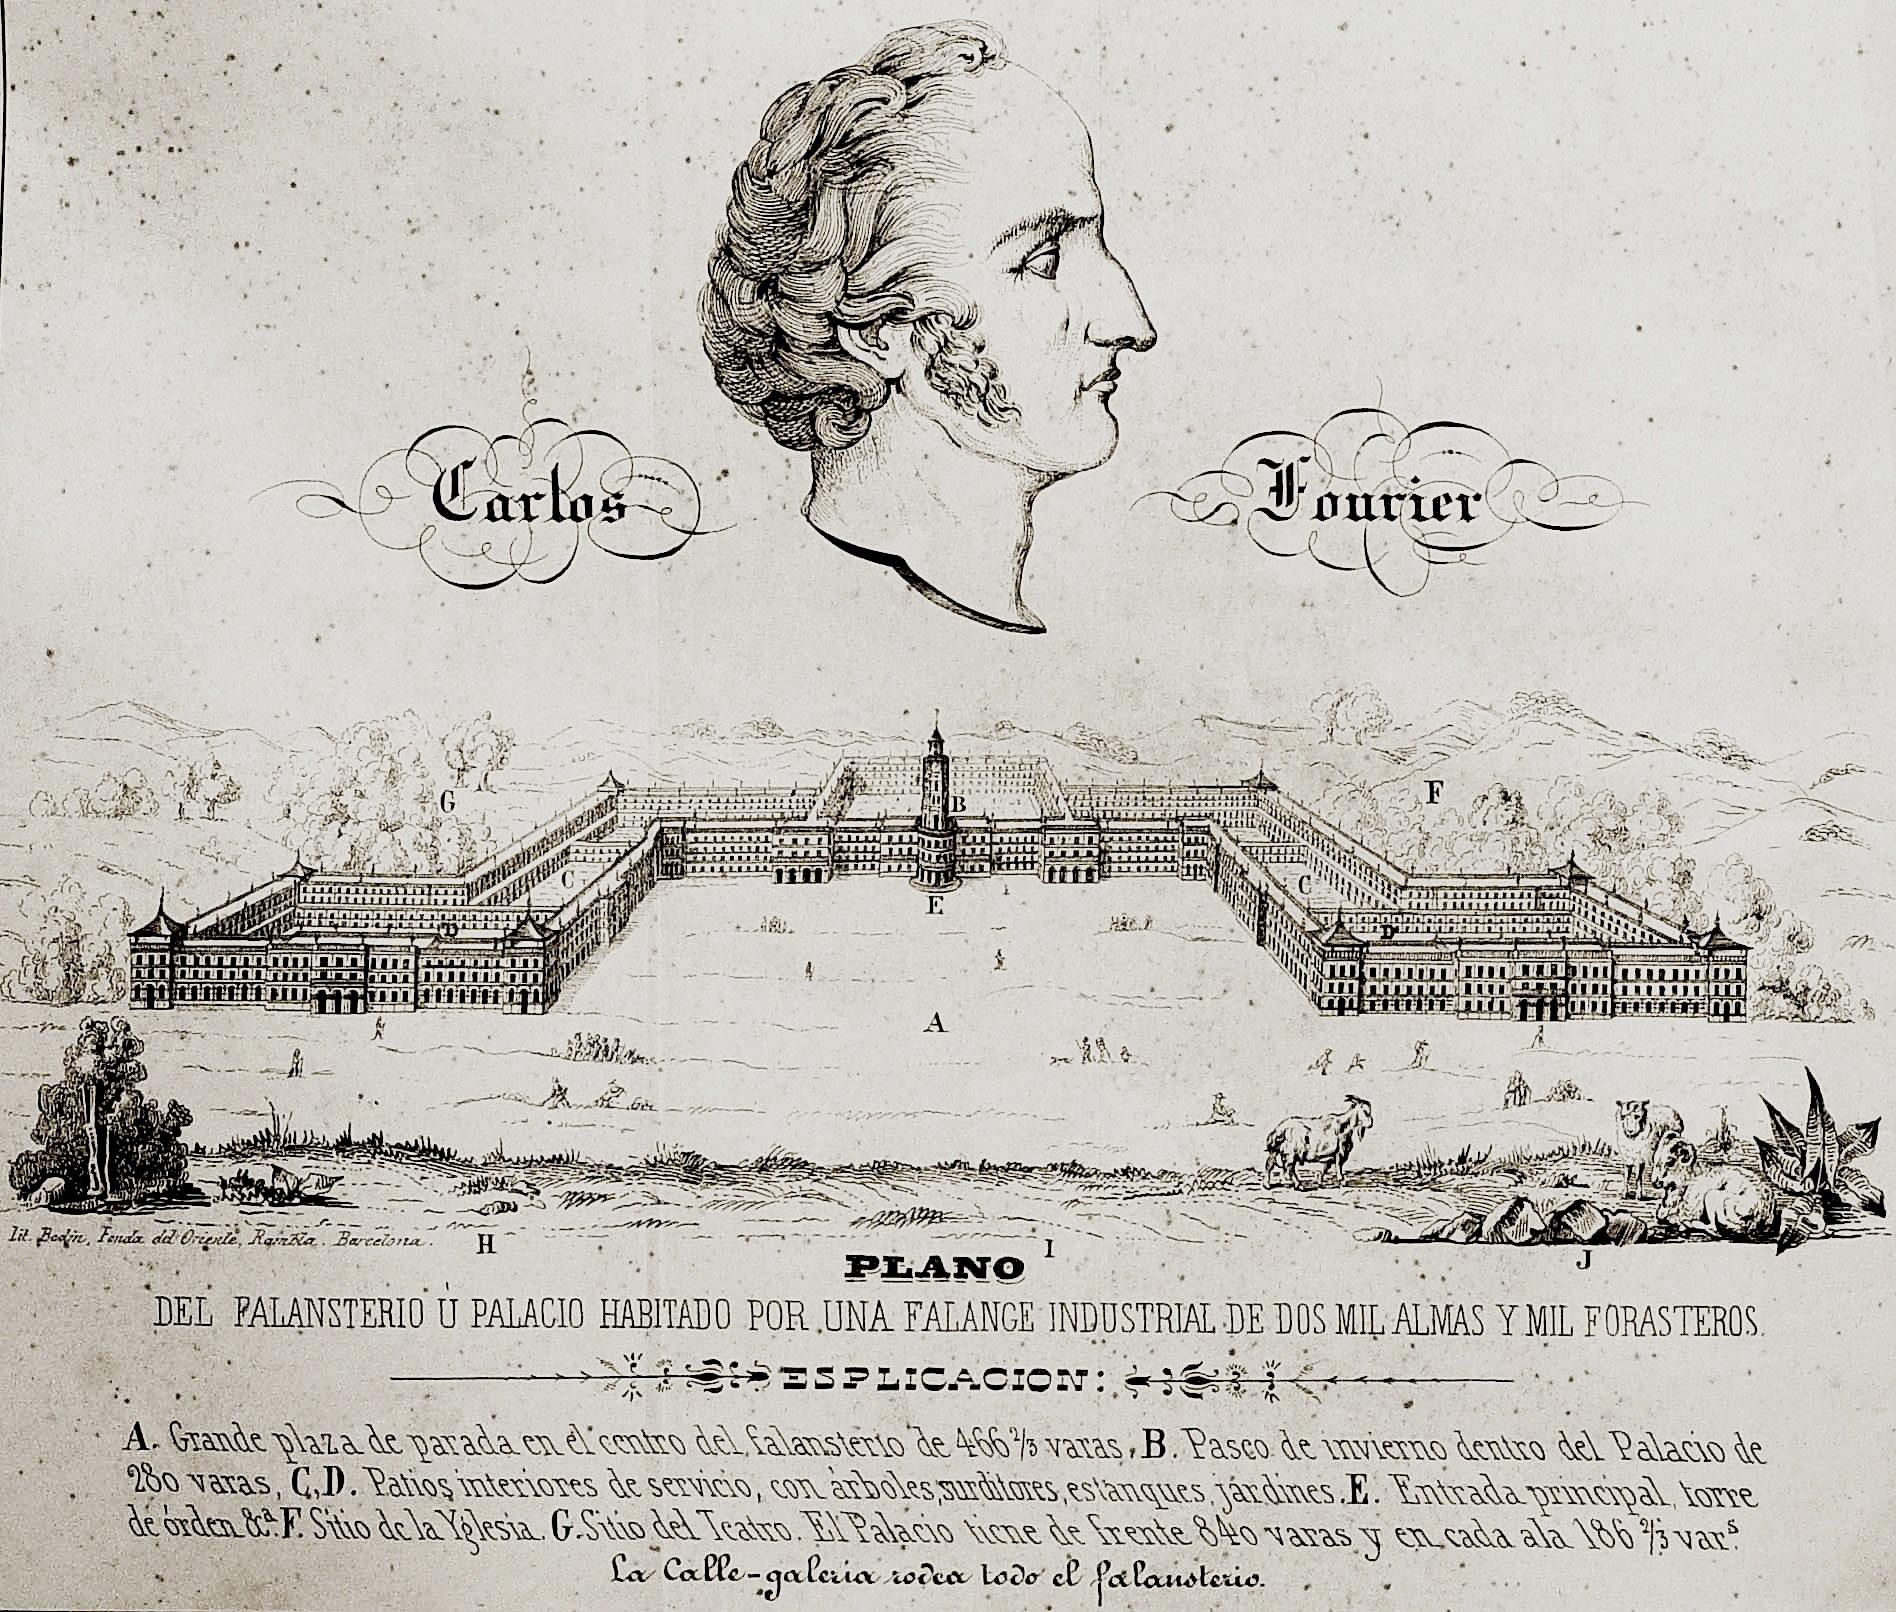 Plano del falansterio u palacio habitado por una falange industrial de dos mil almas y milk forasteros